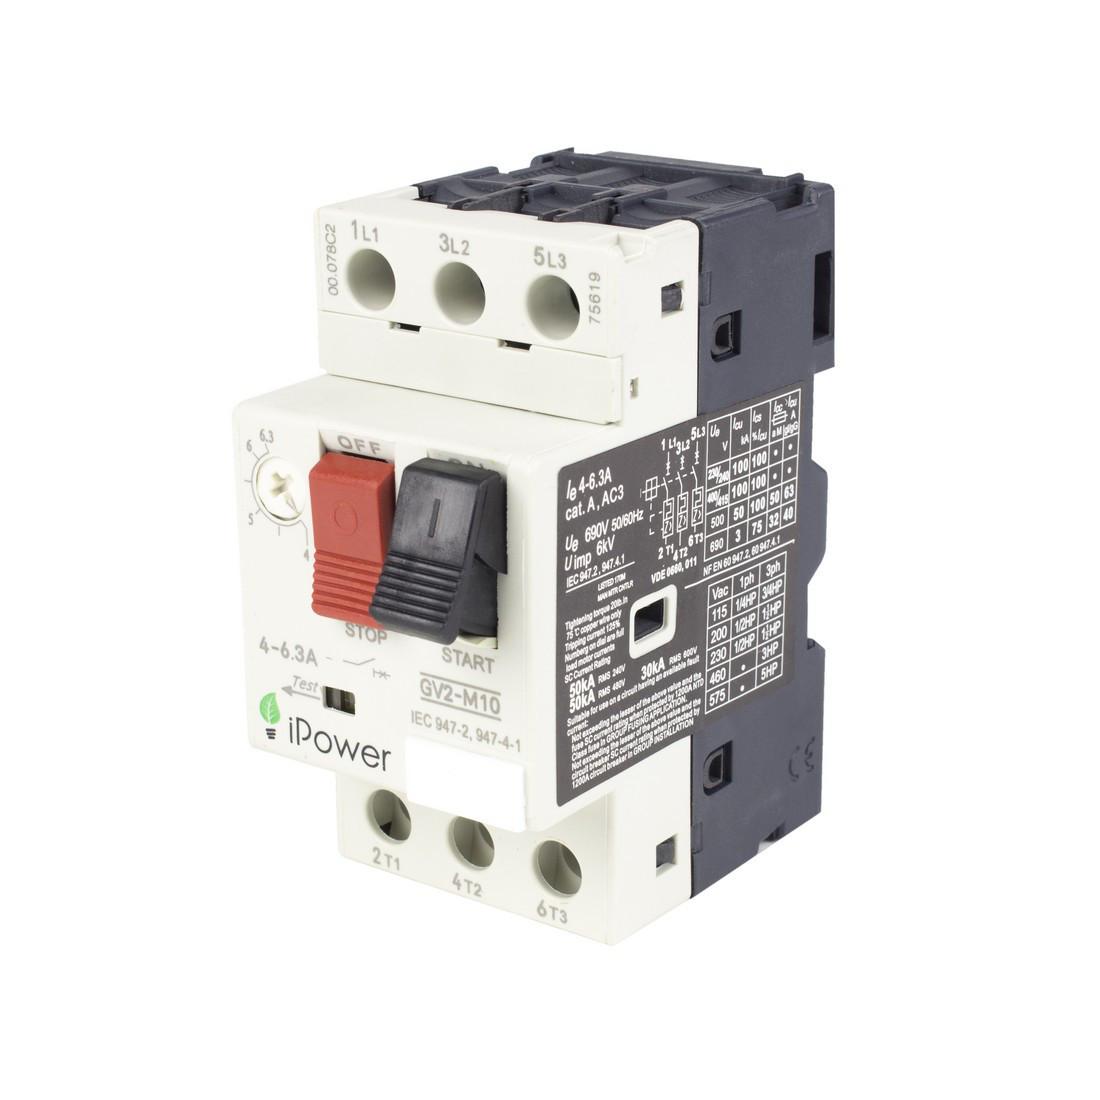 Автомат защиты двигателя реечный iPower GV2-M06 3P 1,6А, 380 В, Кол-во полюсов: 3, Защита: От перегрузок, коро